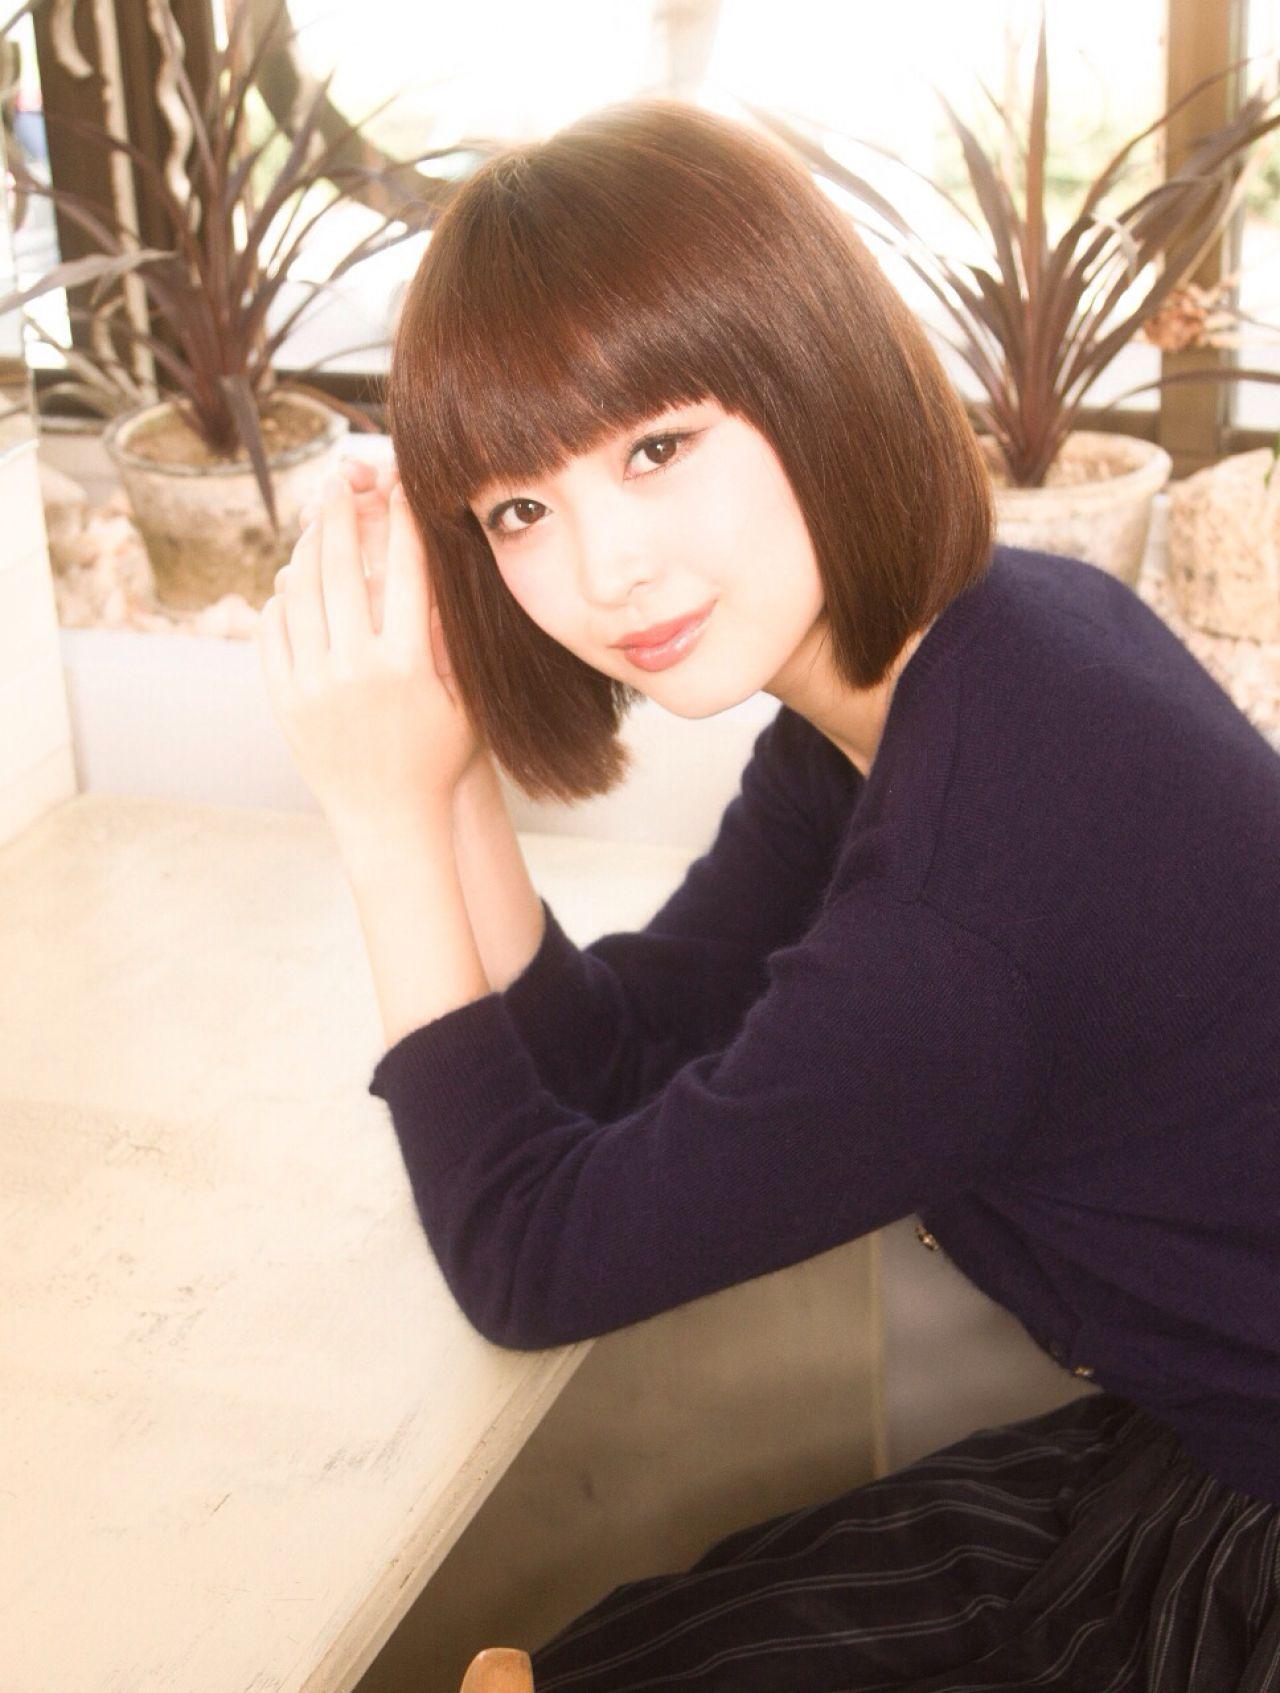 シルエットがかわいすぎ♡これが噂のタンバルモリ! 篠原 美佐生